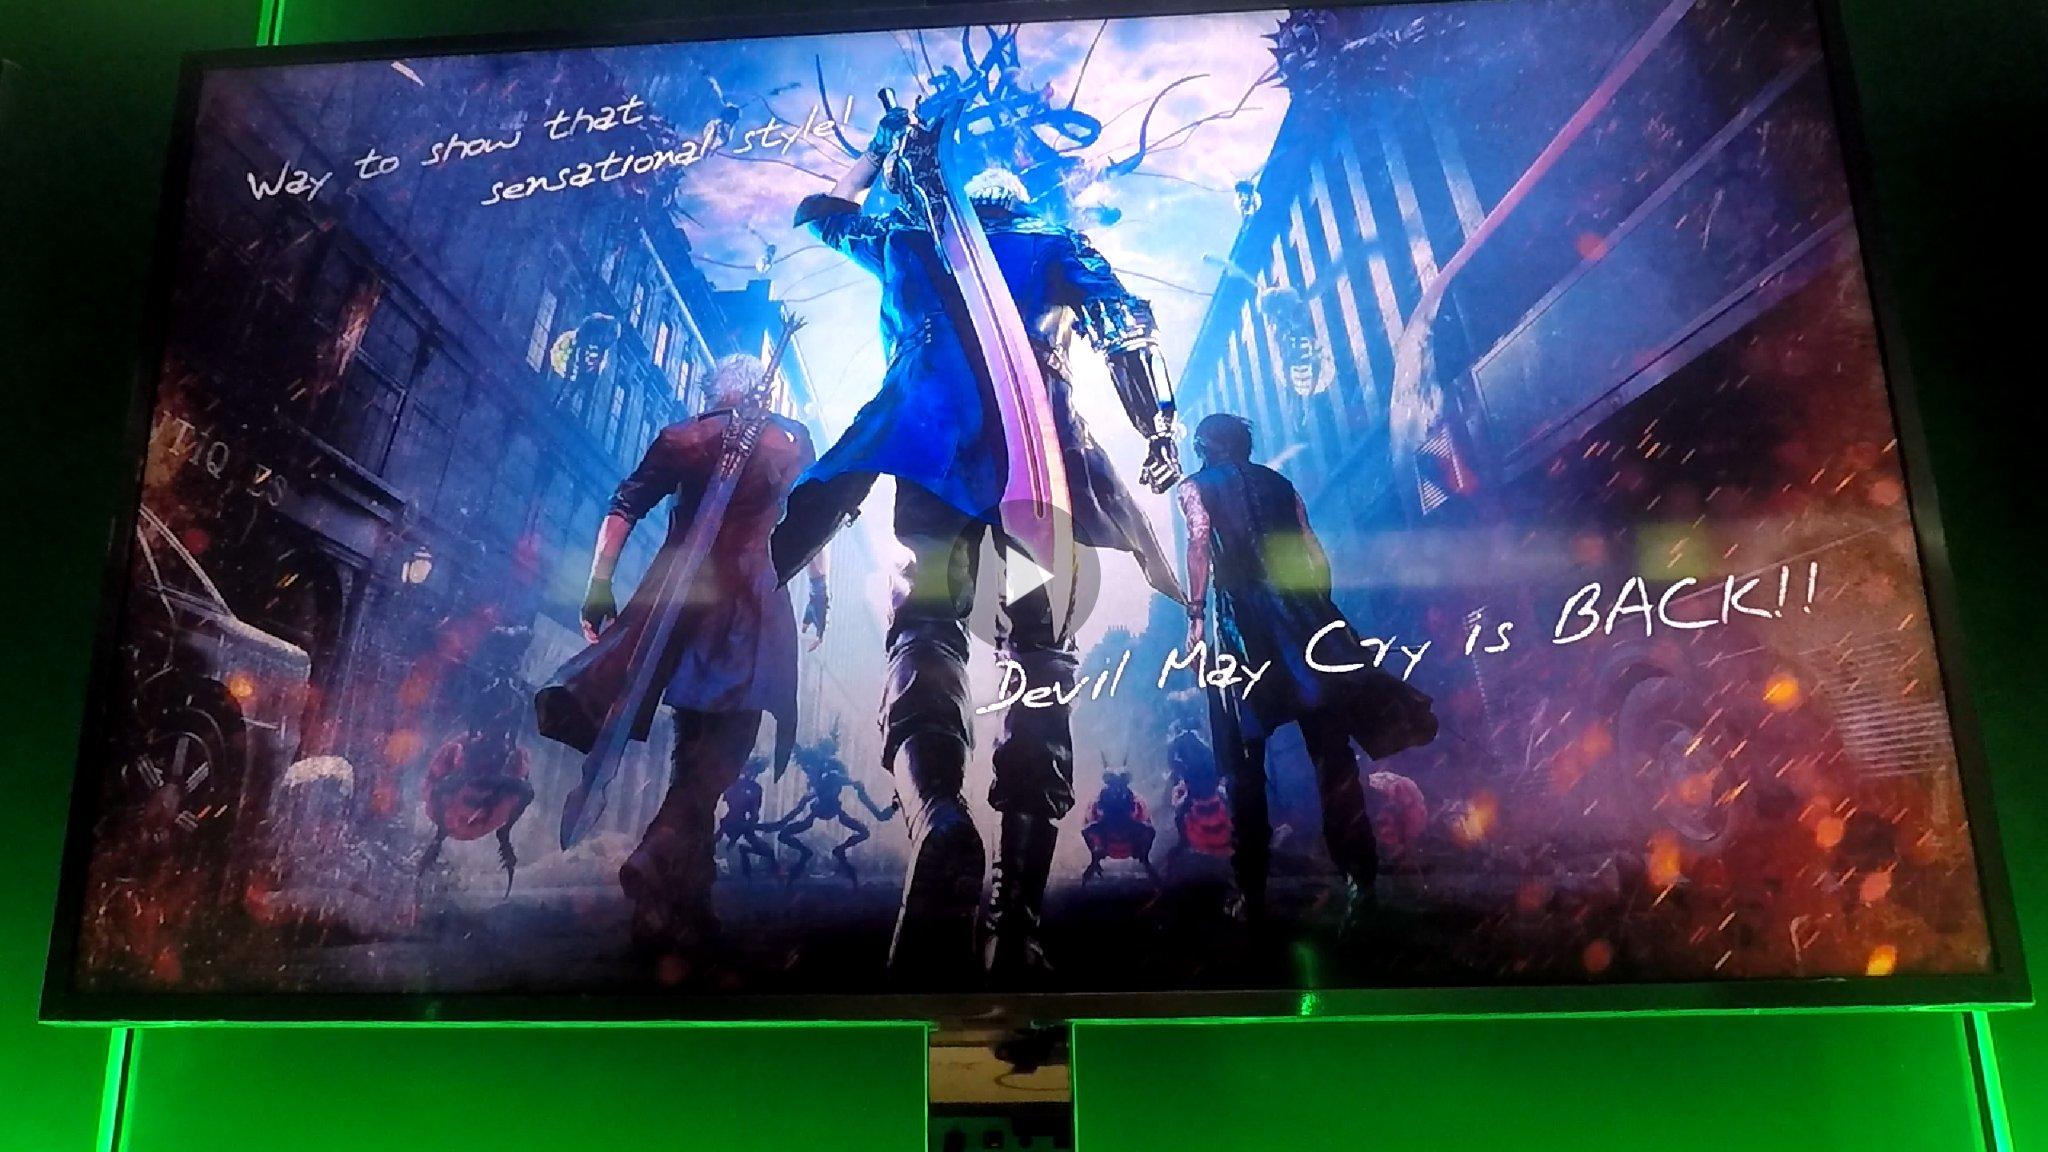 Арт демо-версии игры при получении S ранга - Devil May Cry 5